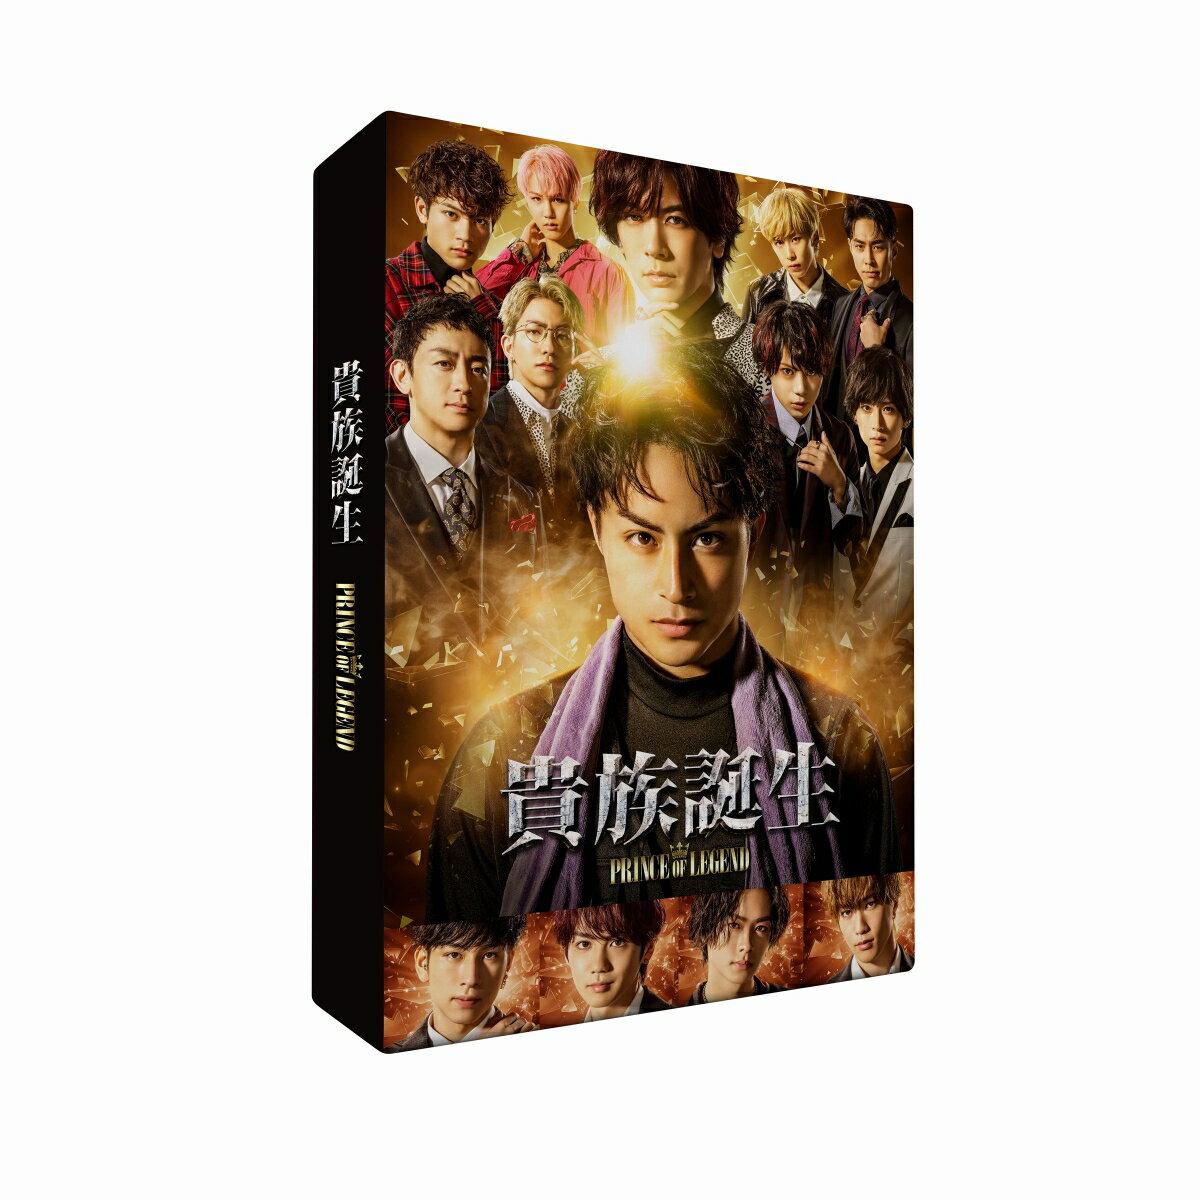 ドラマ「貴族誕生ーPRINCE OF LEGEND-」【Blu-ray】